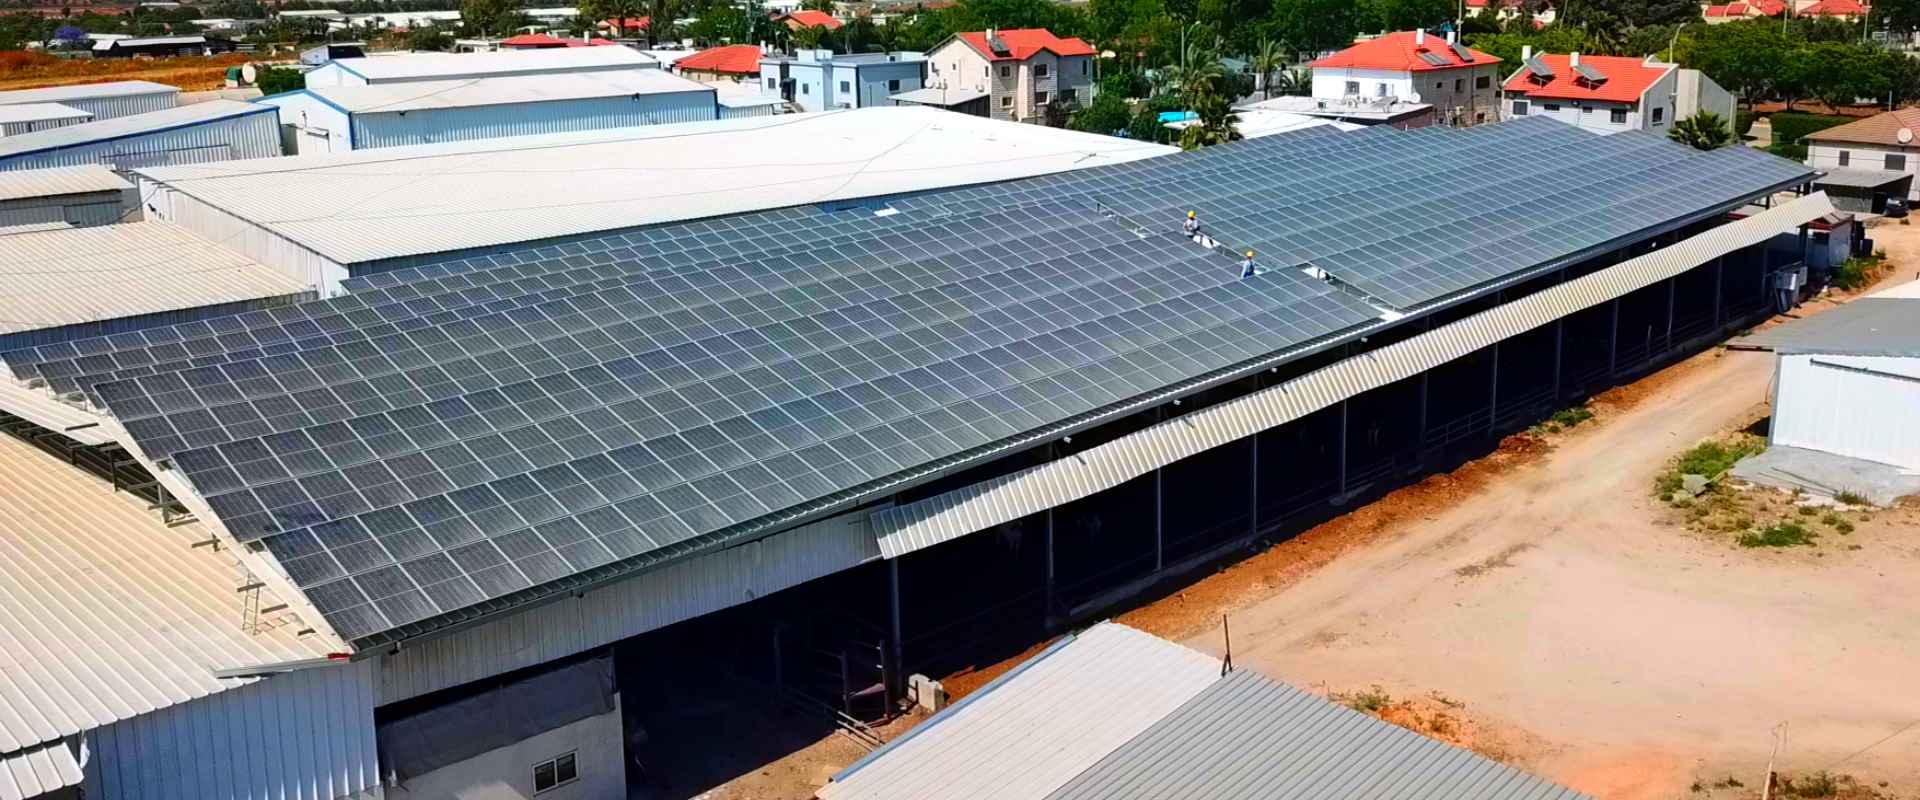 מערכת אנרגיה סולארית חקלאית במושבים במרכז